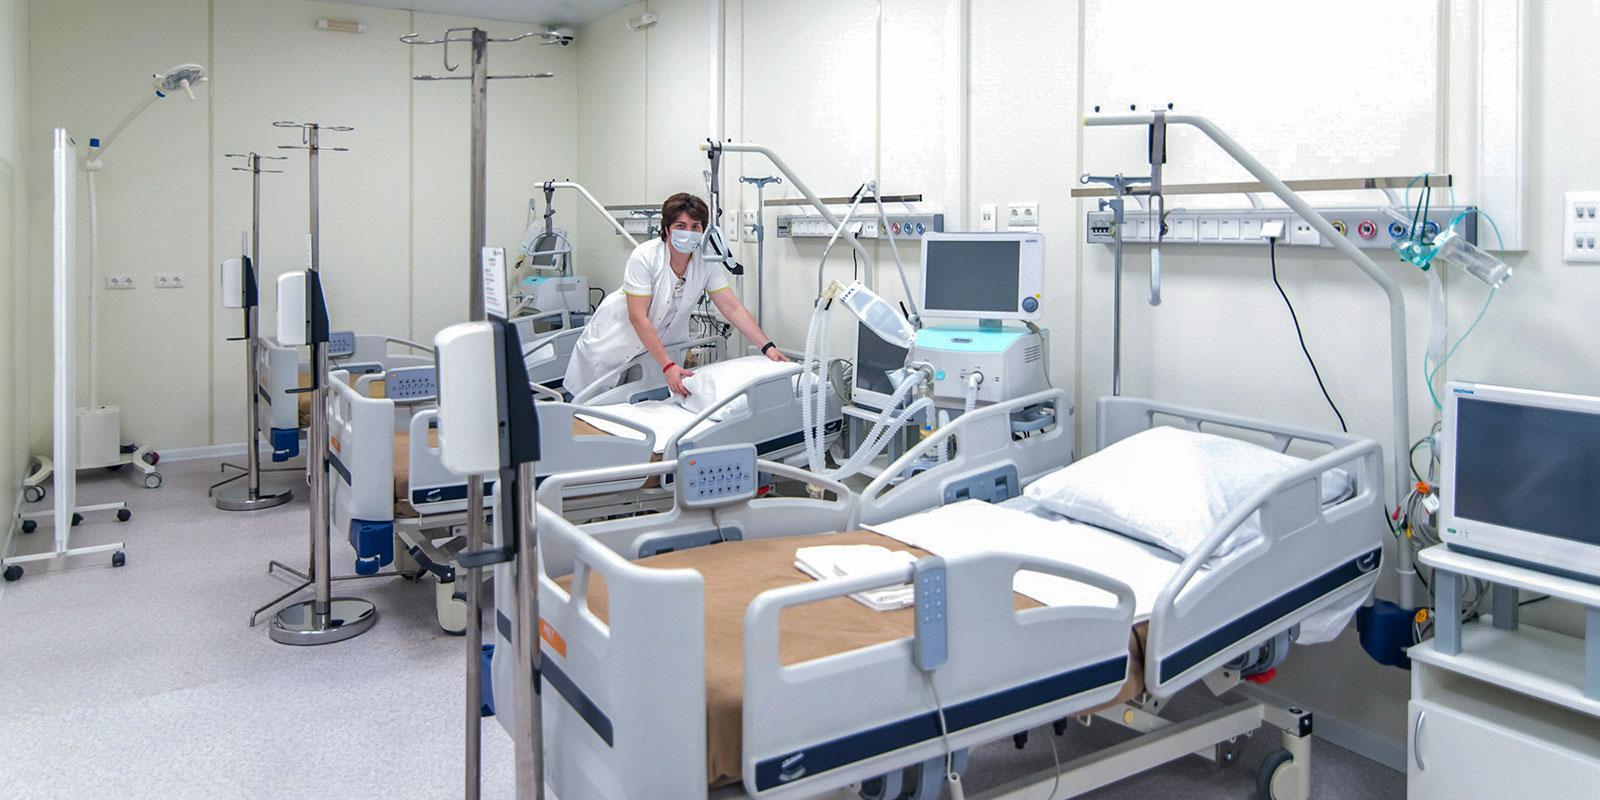 Московские врачи вылечили от коронавируса более 931 тысячи человек